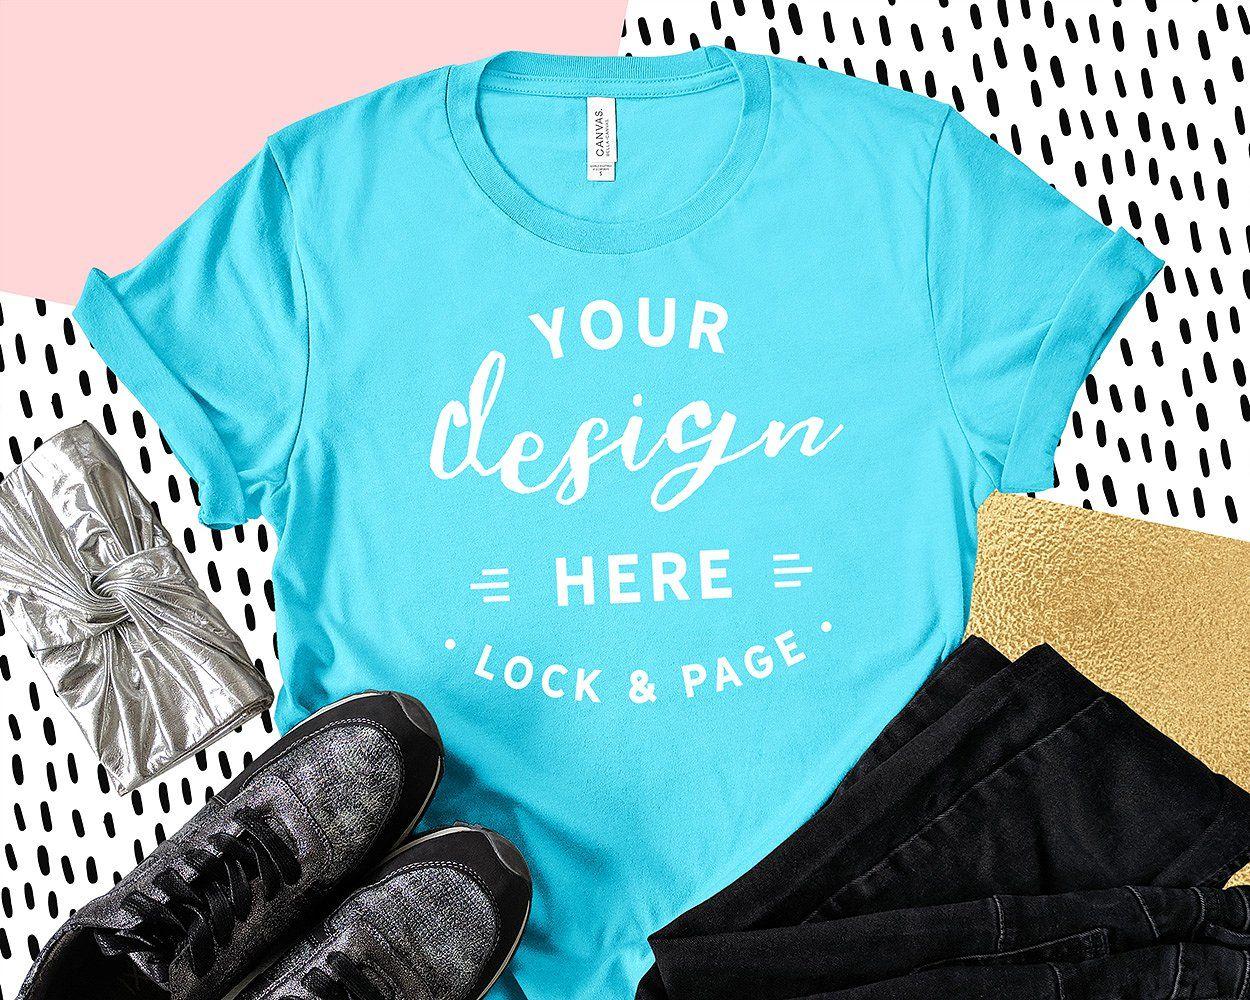 Download Bella Canvas 3001 Graphic Mockups Mockup Free Psd Shirt Mockup Clothing Mockup